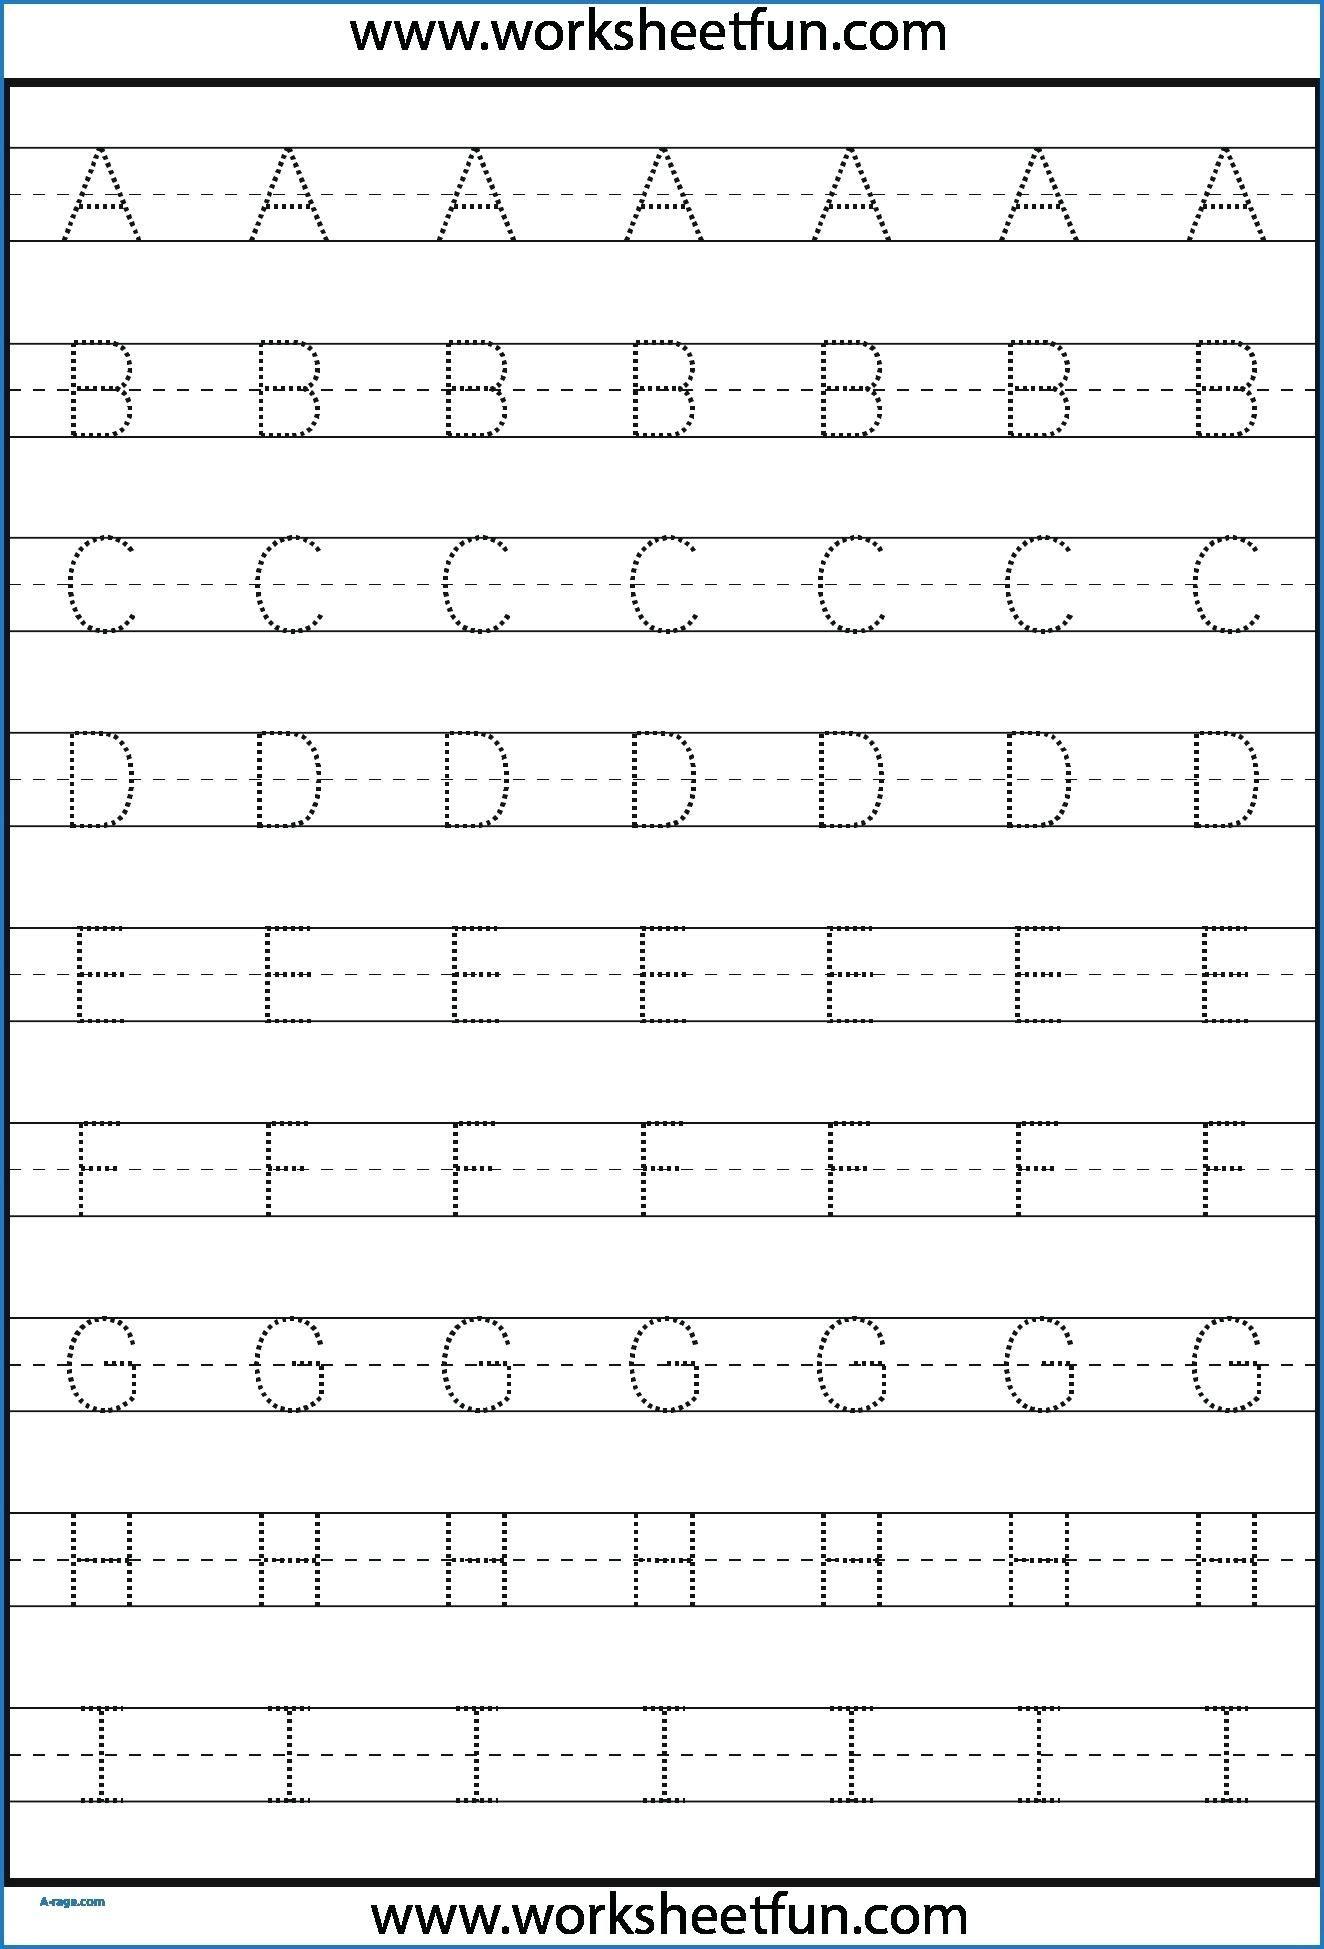 Kindergarten Letter Tracing Worksheets Pdf - Wallpaper Image for Alphabet Practice Worksheets Pdf